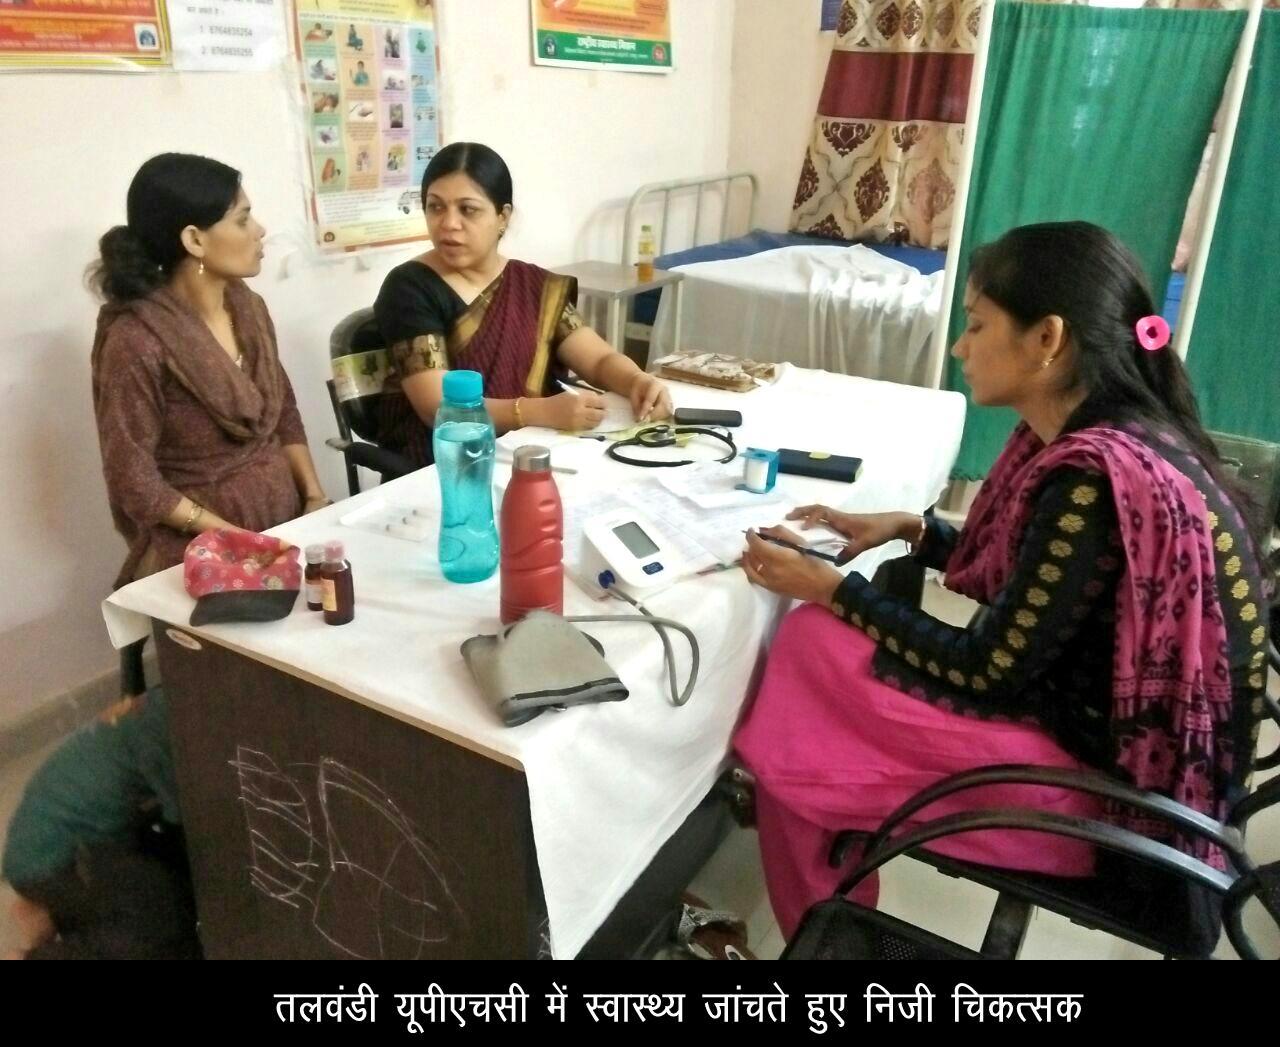 सुरक्षित मातृत्व अभियान में गर्भवती महिलाओं की जांची सेहत